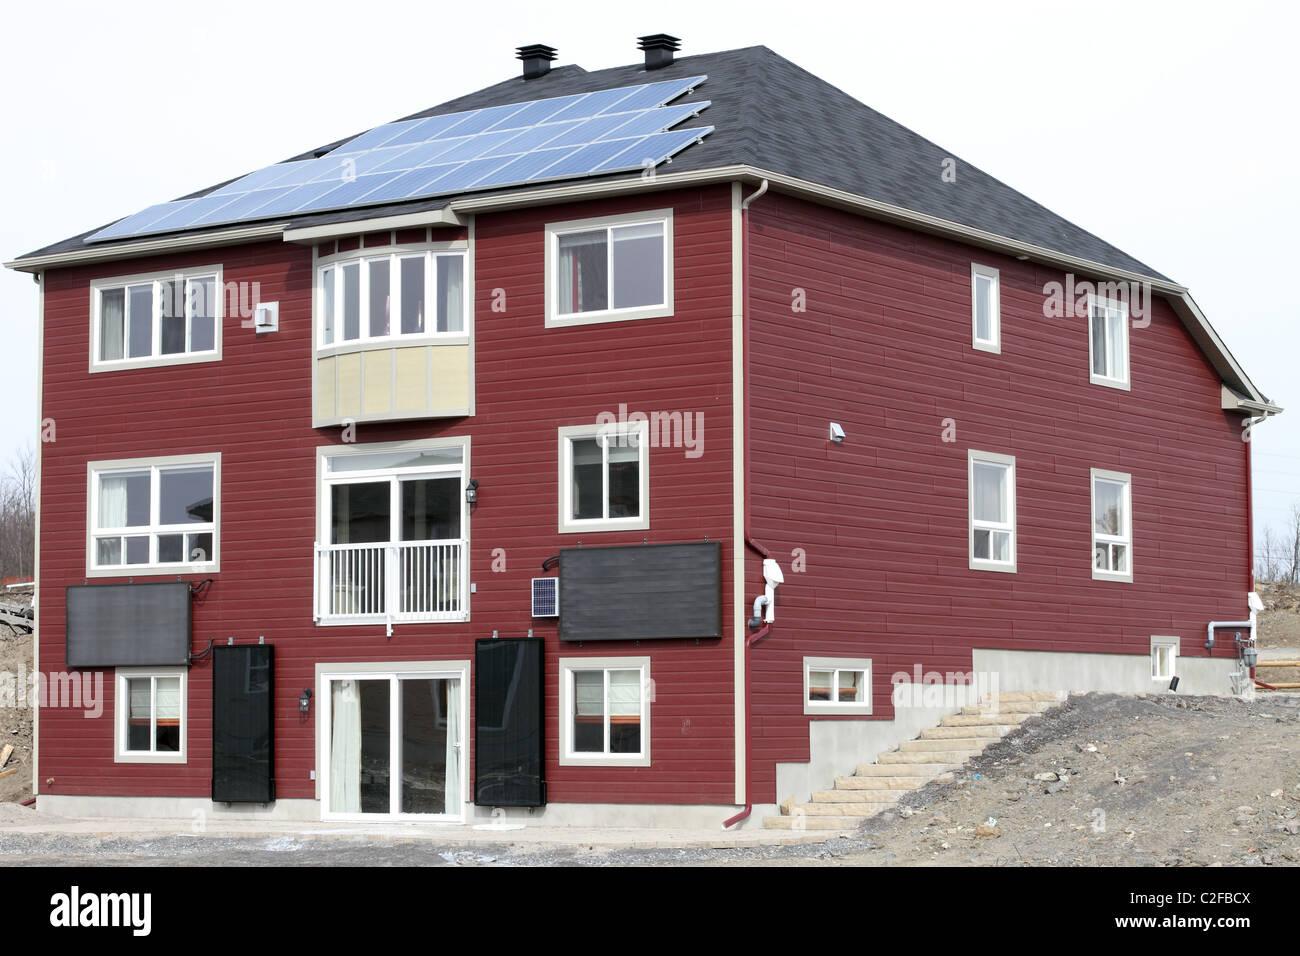 Casa nueva exhibición de energía verde con paneles solares en el techo y los calentadores de agua solares Imagen De Stock